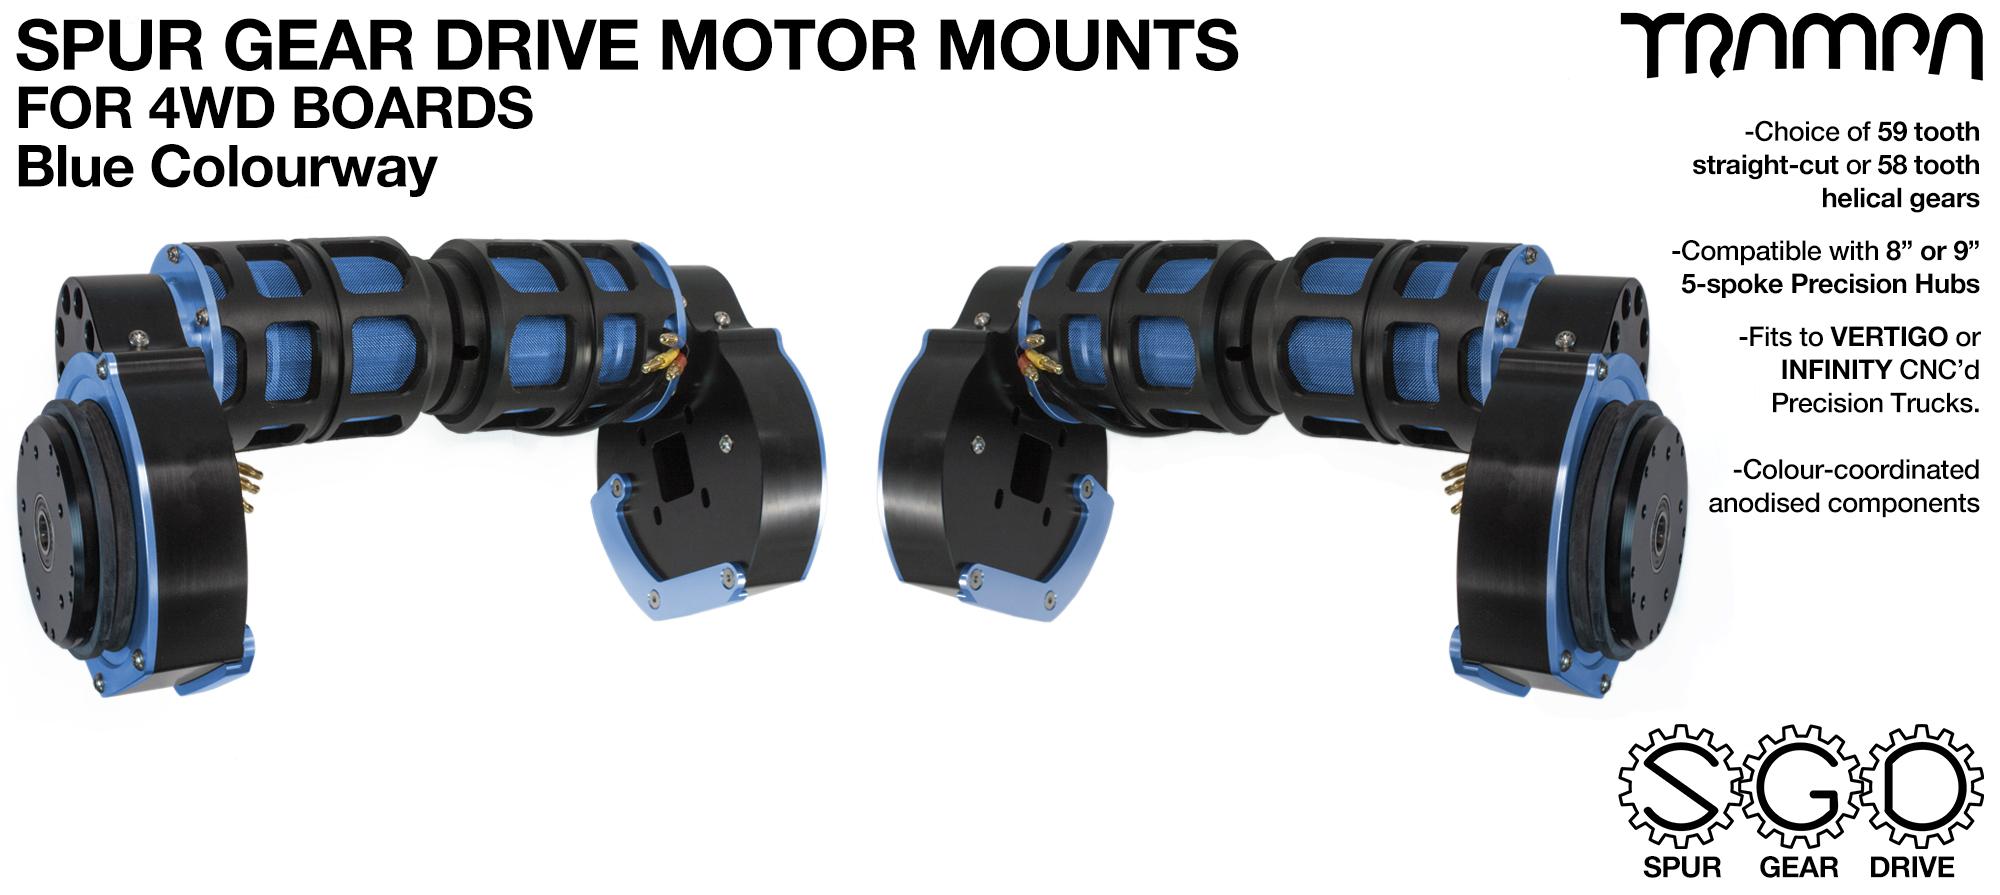 BLUE 4WD Spur Gear Drive Motor Mount